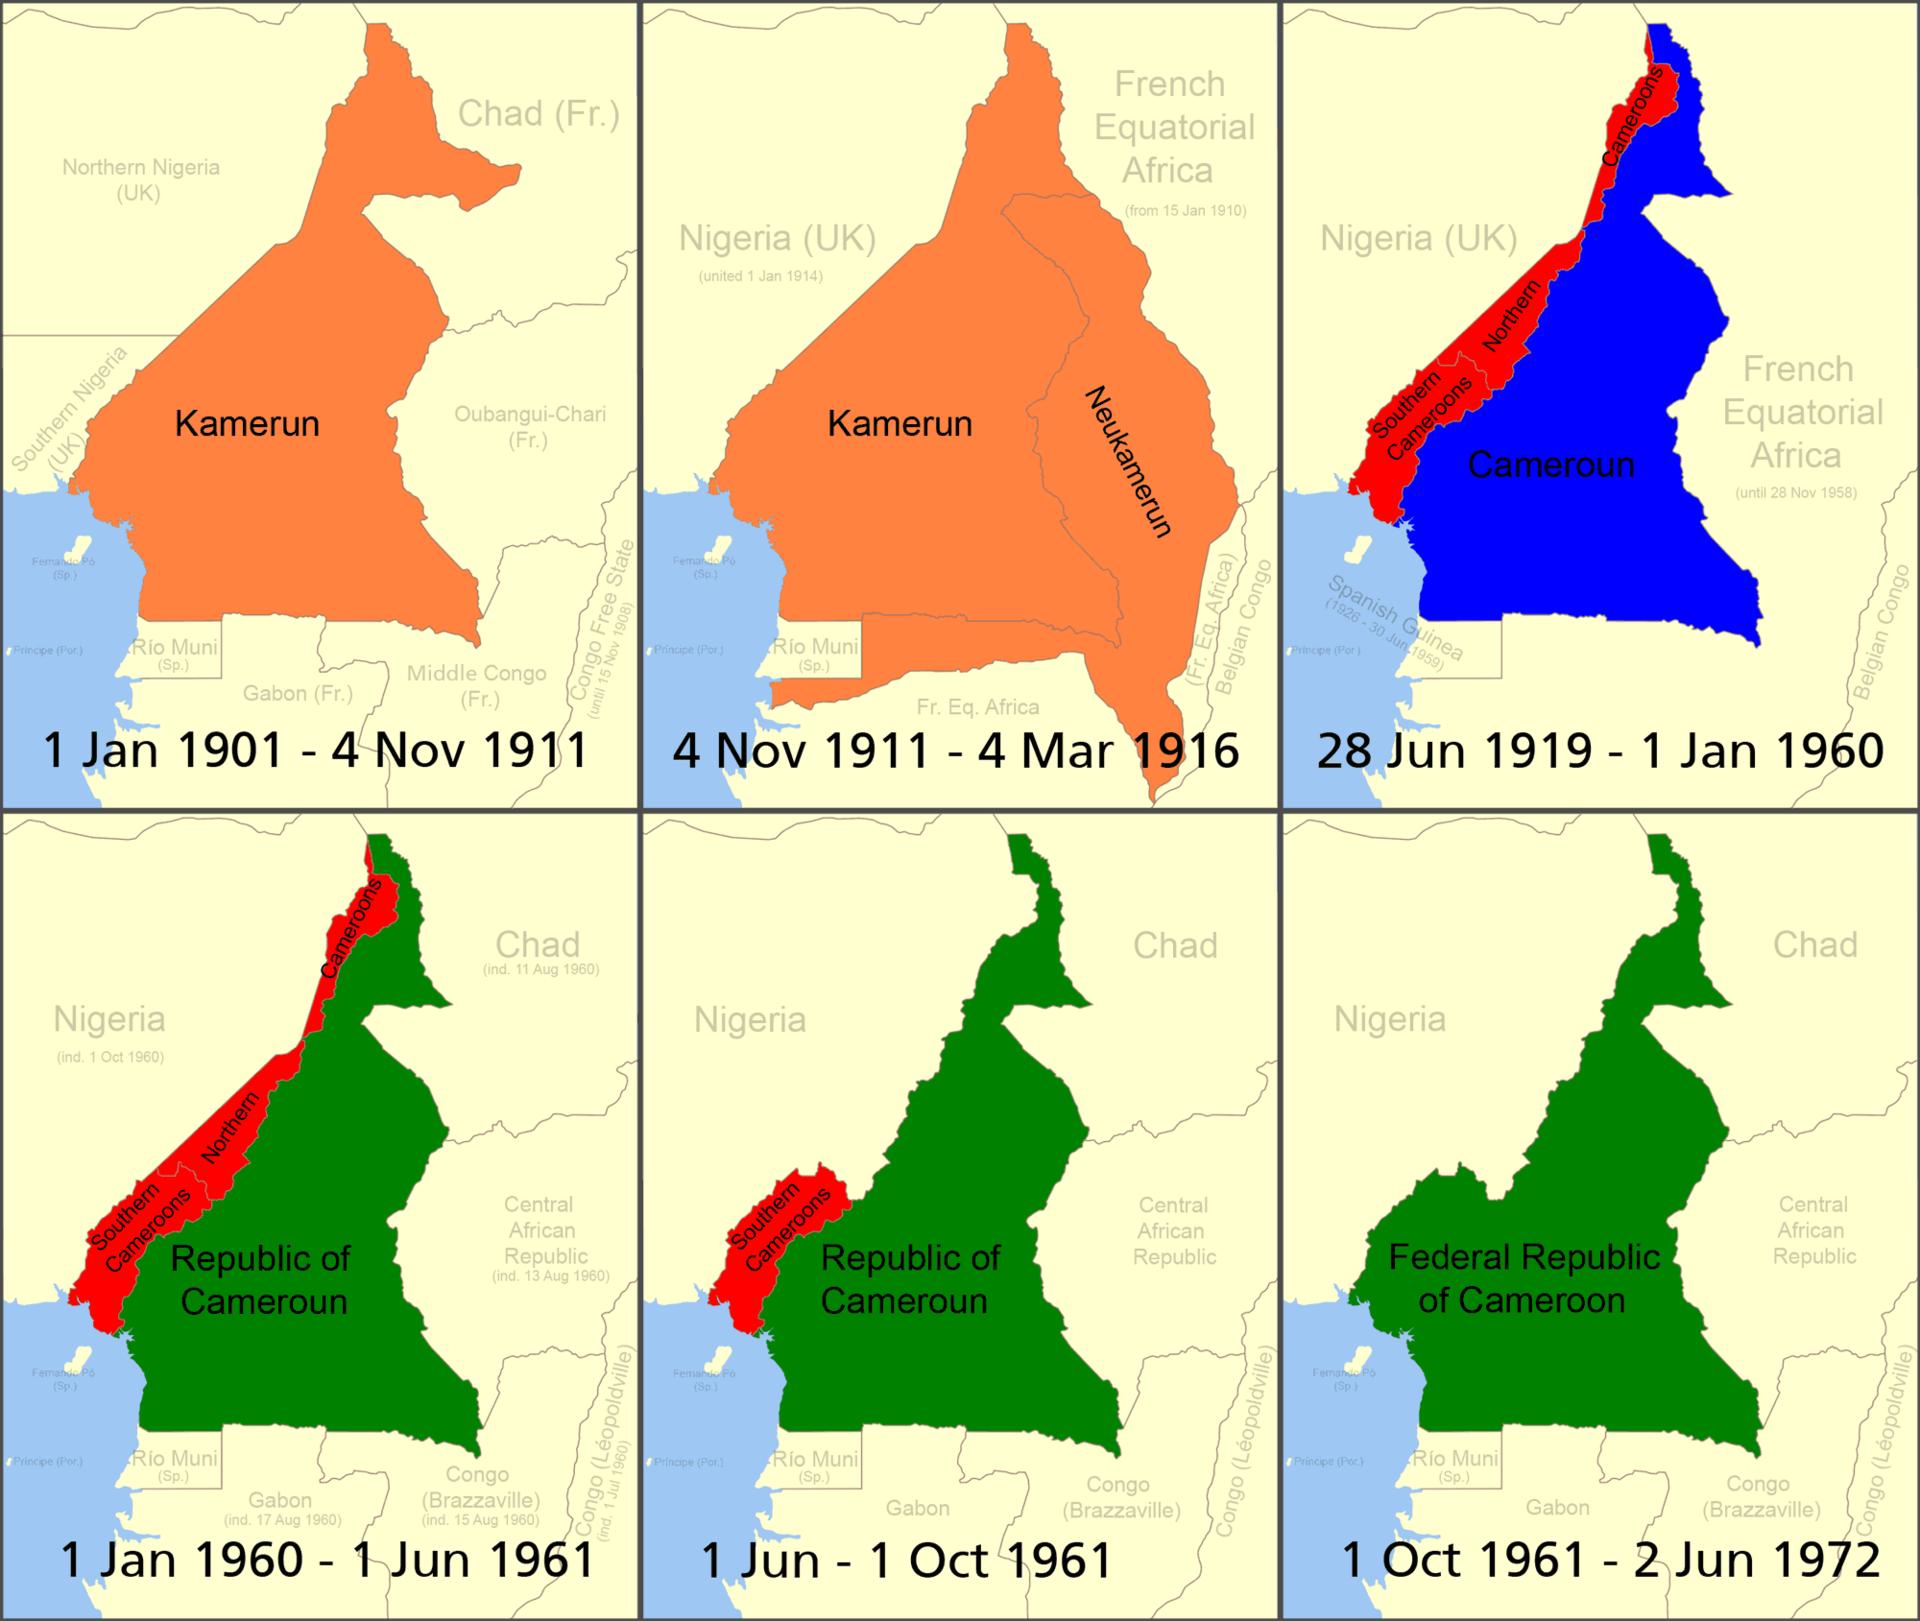 Cameroon : History